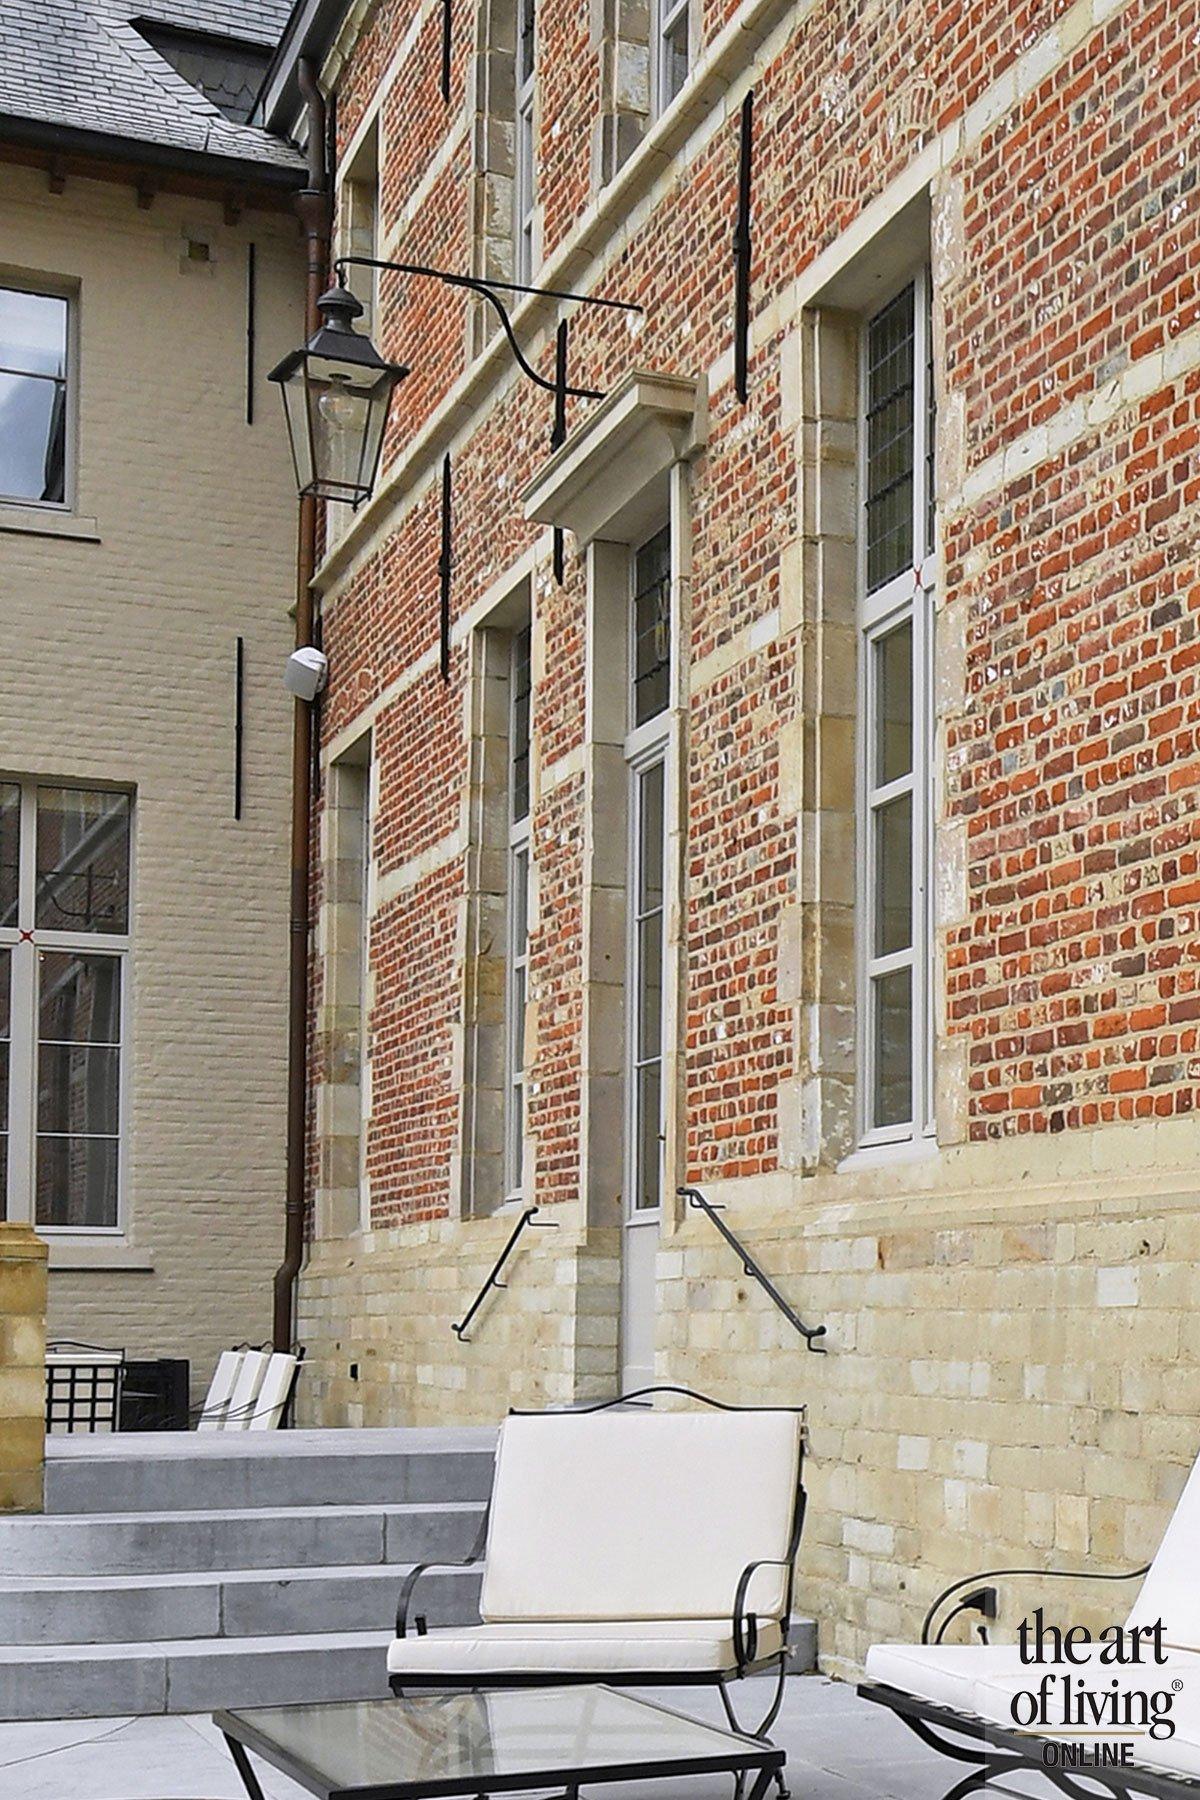 Wonen in een kasteel, Ilse de Meulemeester, the art of living